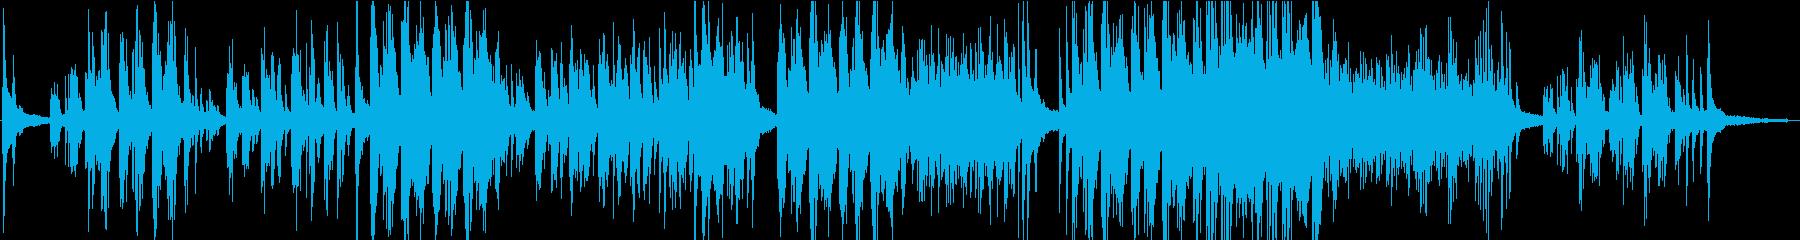 印象的な旋律、穏やかに響く生ソロピアノの再生済みの波形